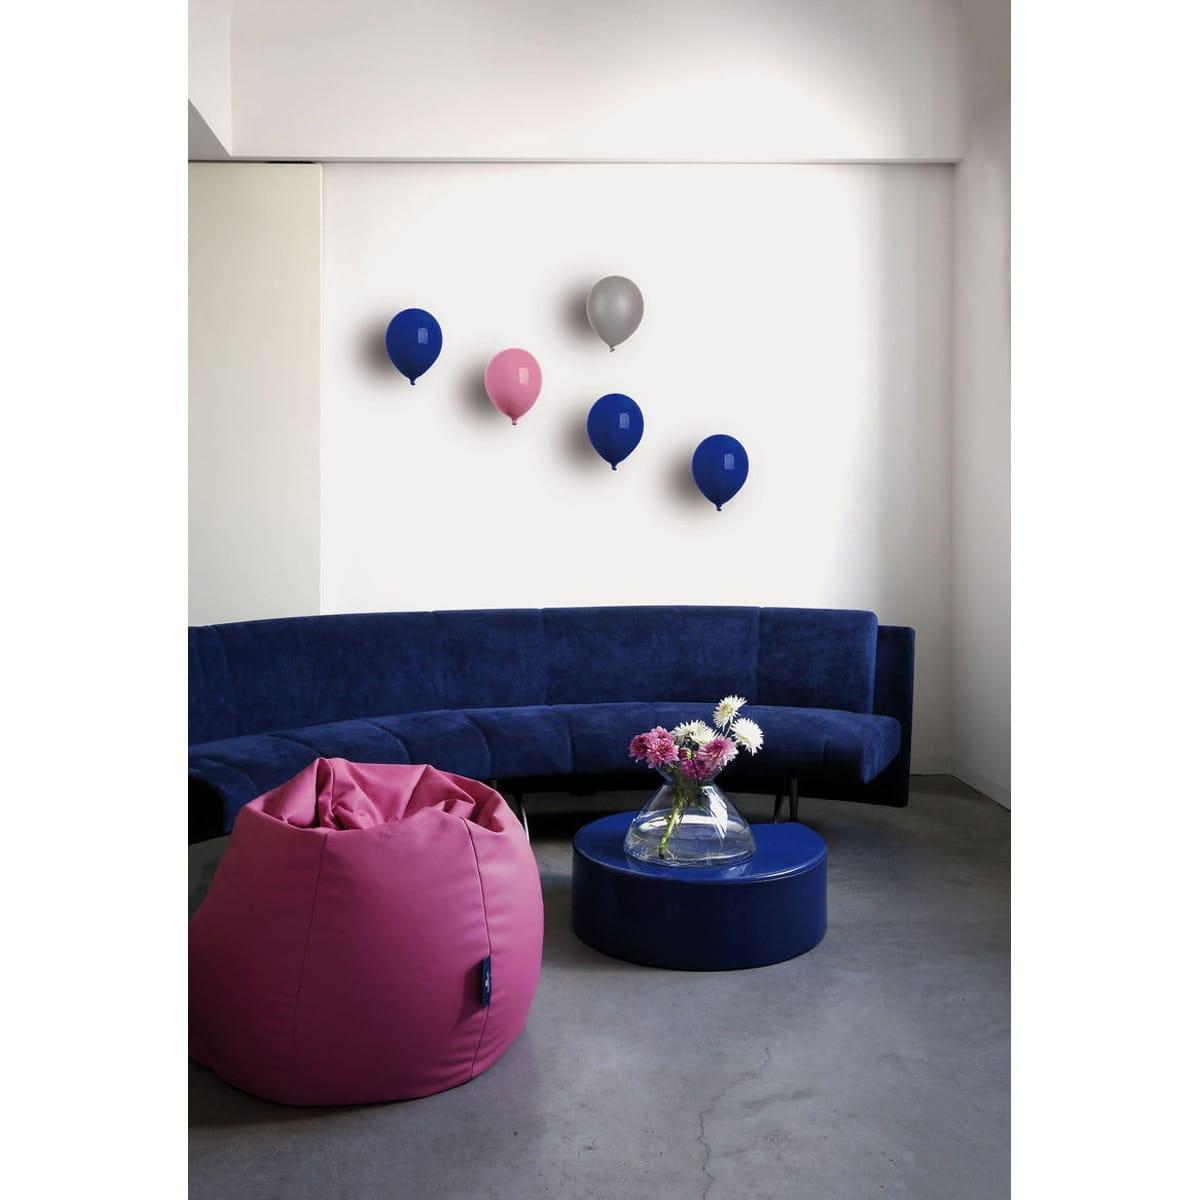 Palloncino decorativo in ceramica Balloon bianco, blu e rosa su parete